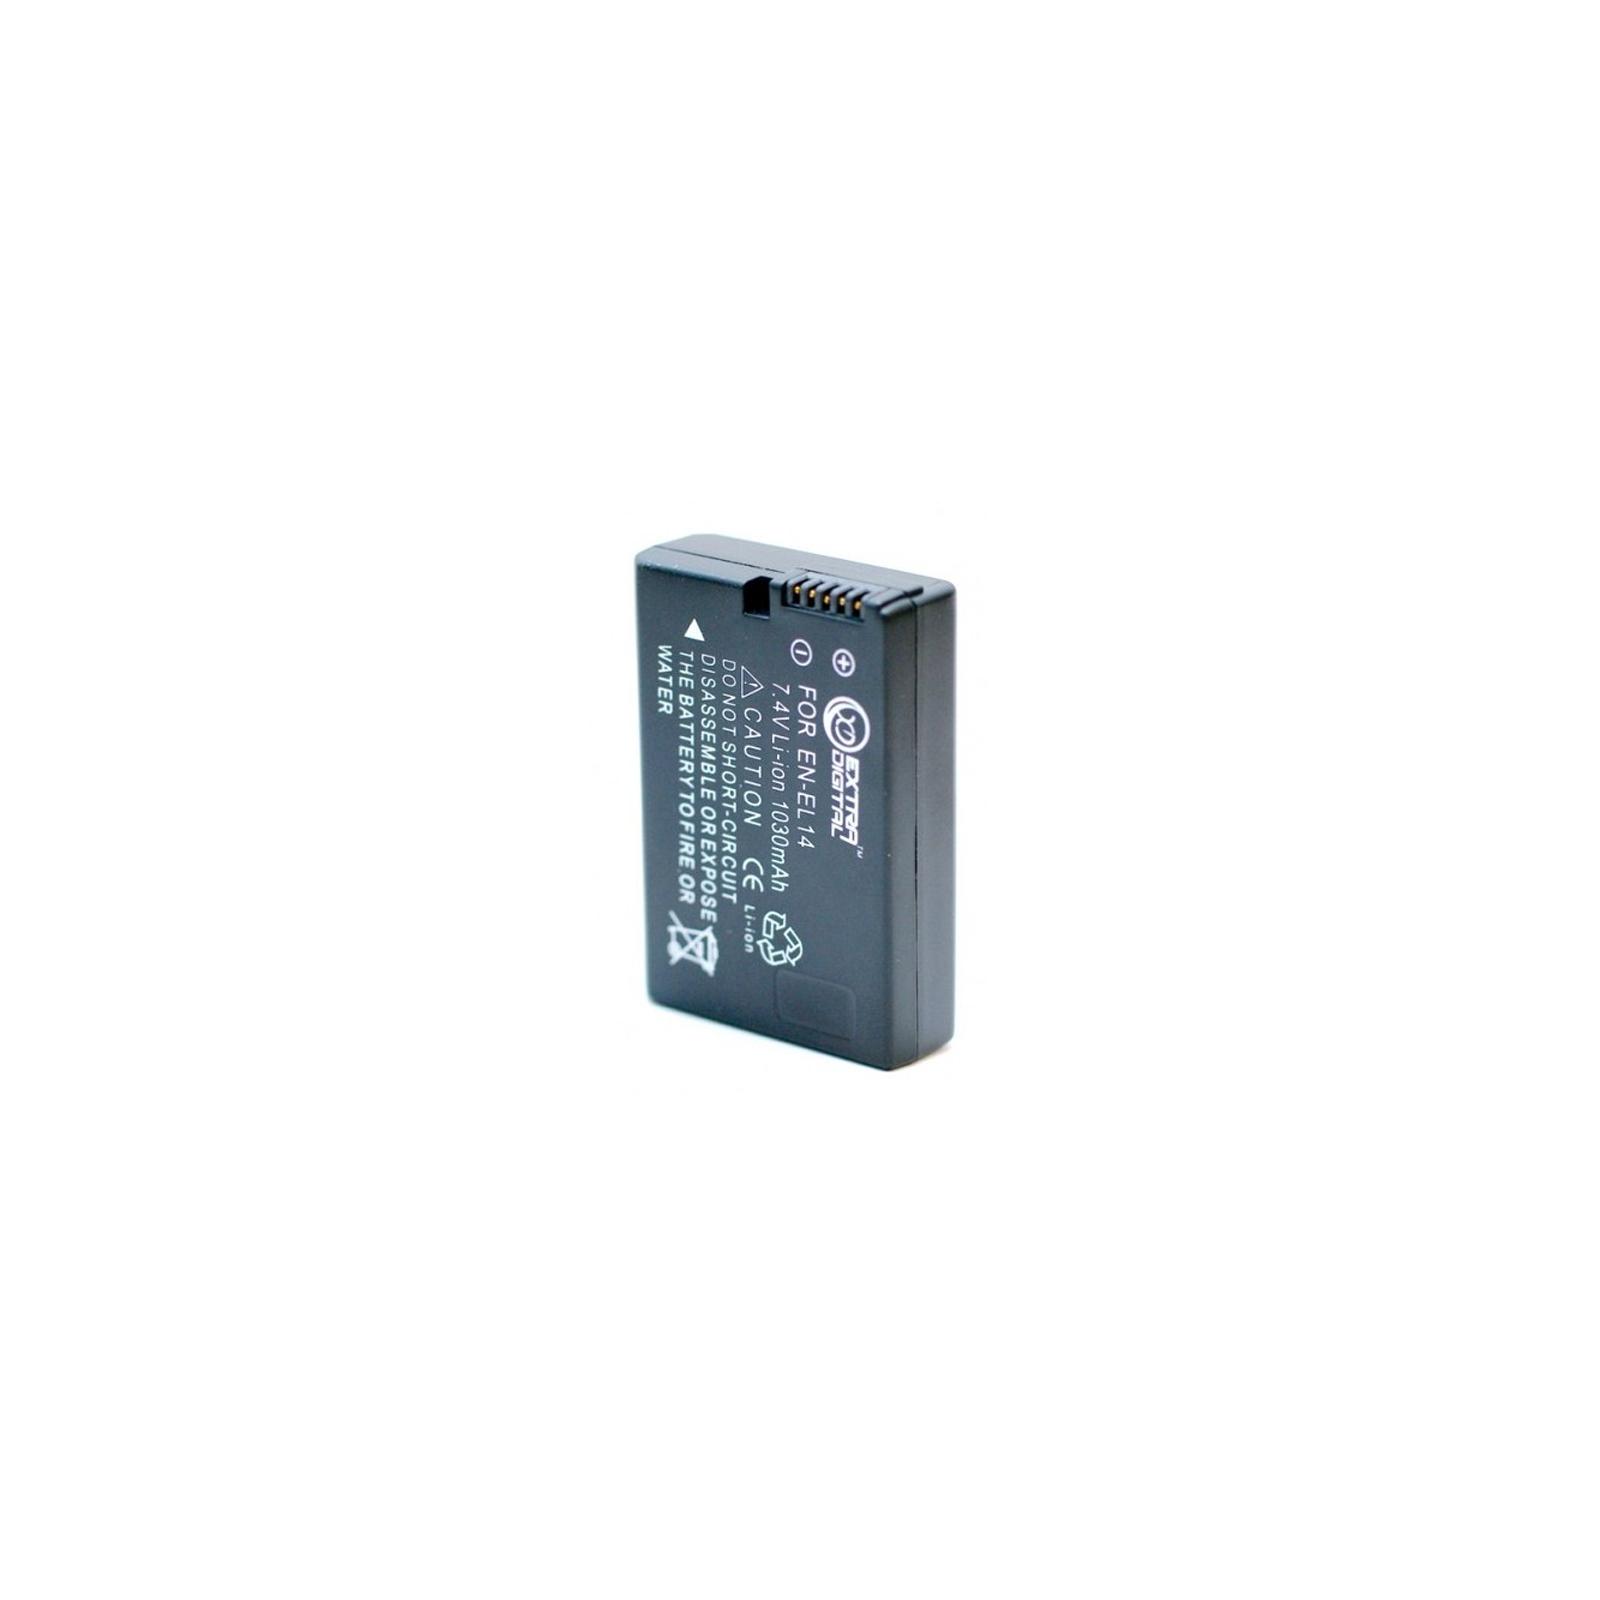 Аккумулятор к фото/видео EXTRADIGITAL Nikon EN-EL14 (DV00DV1329) изображение 2